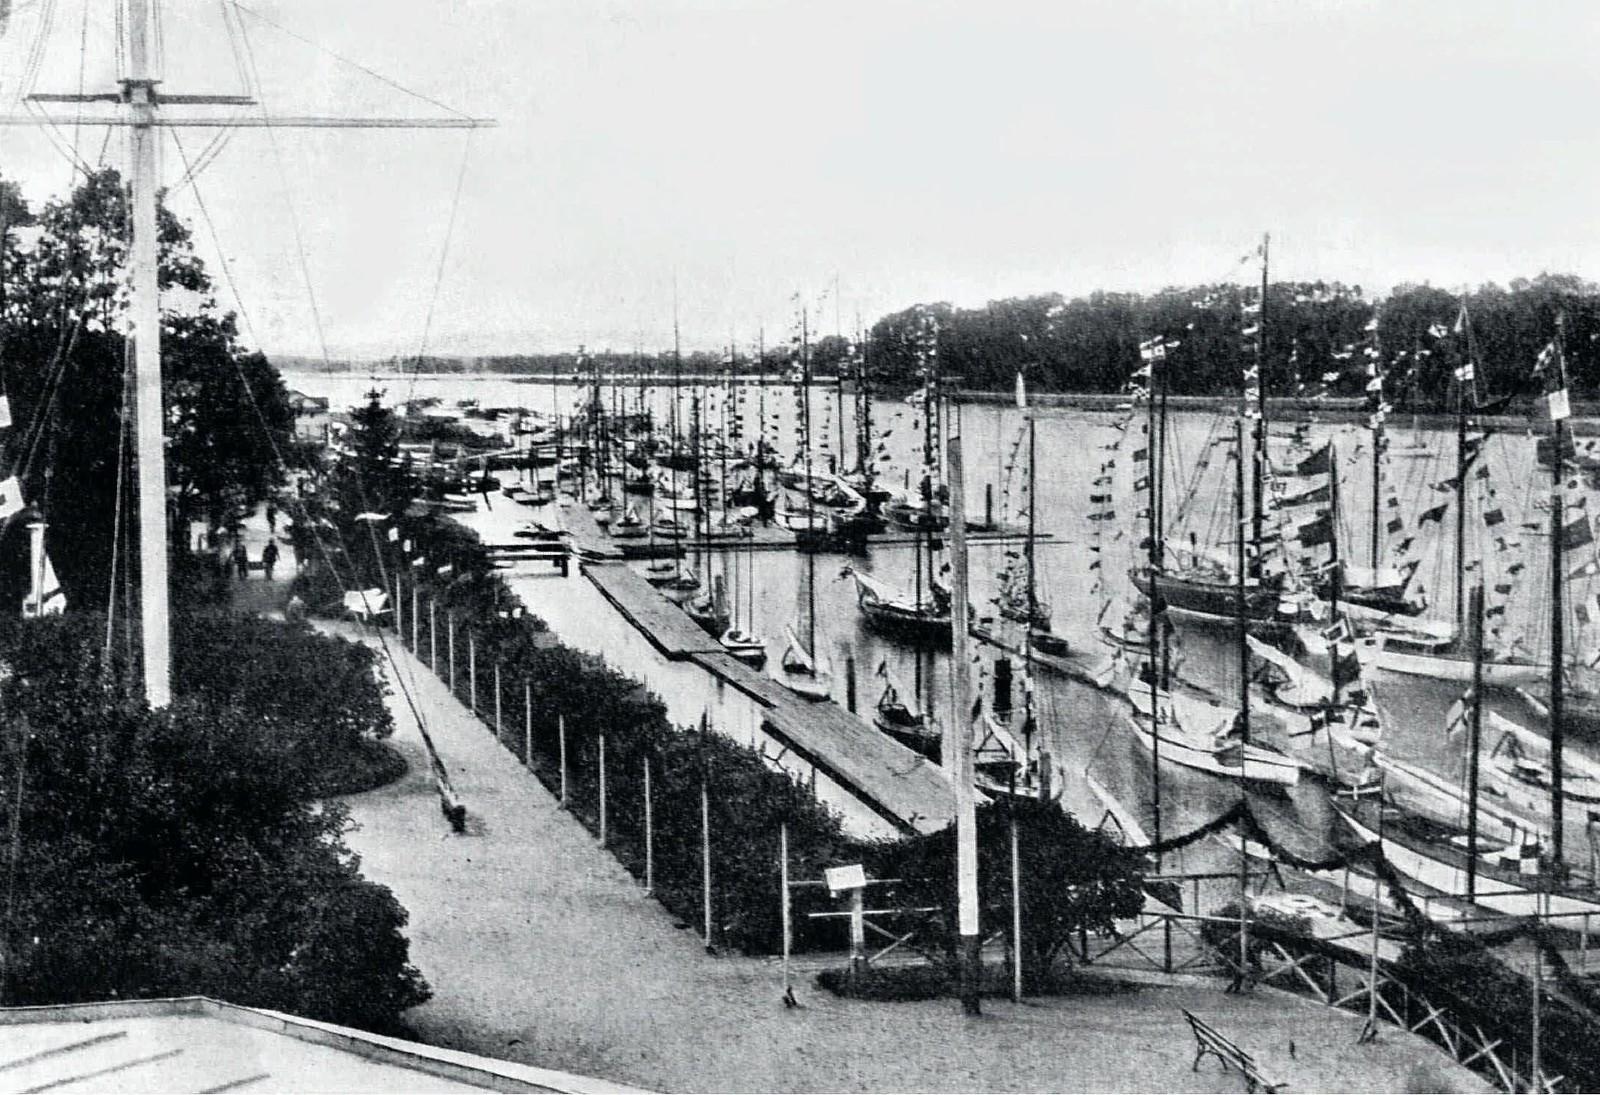 1910. Празднование 50-летия Императорского яхт-клуба. 20 июля